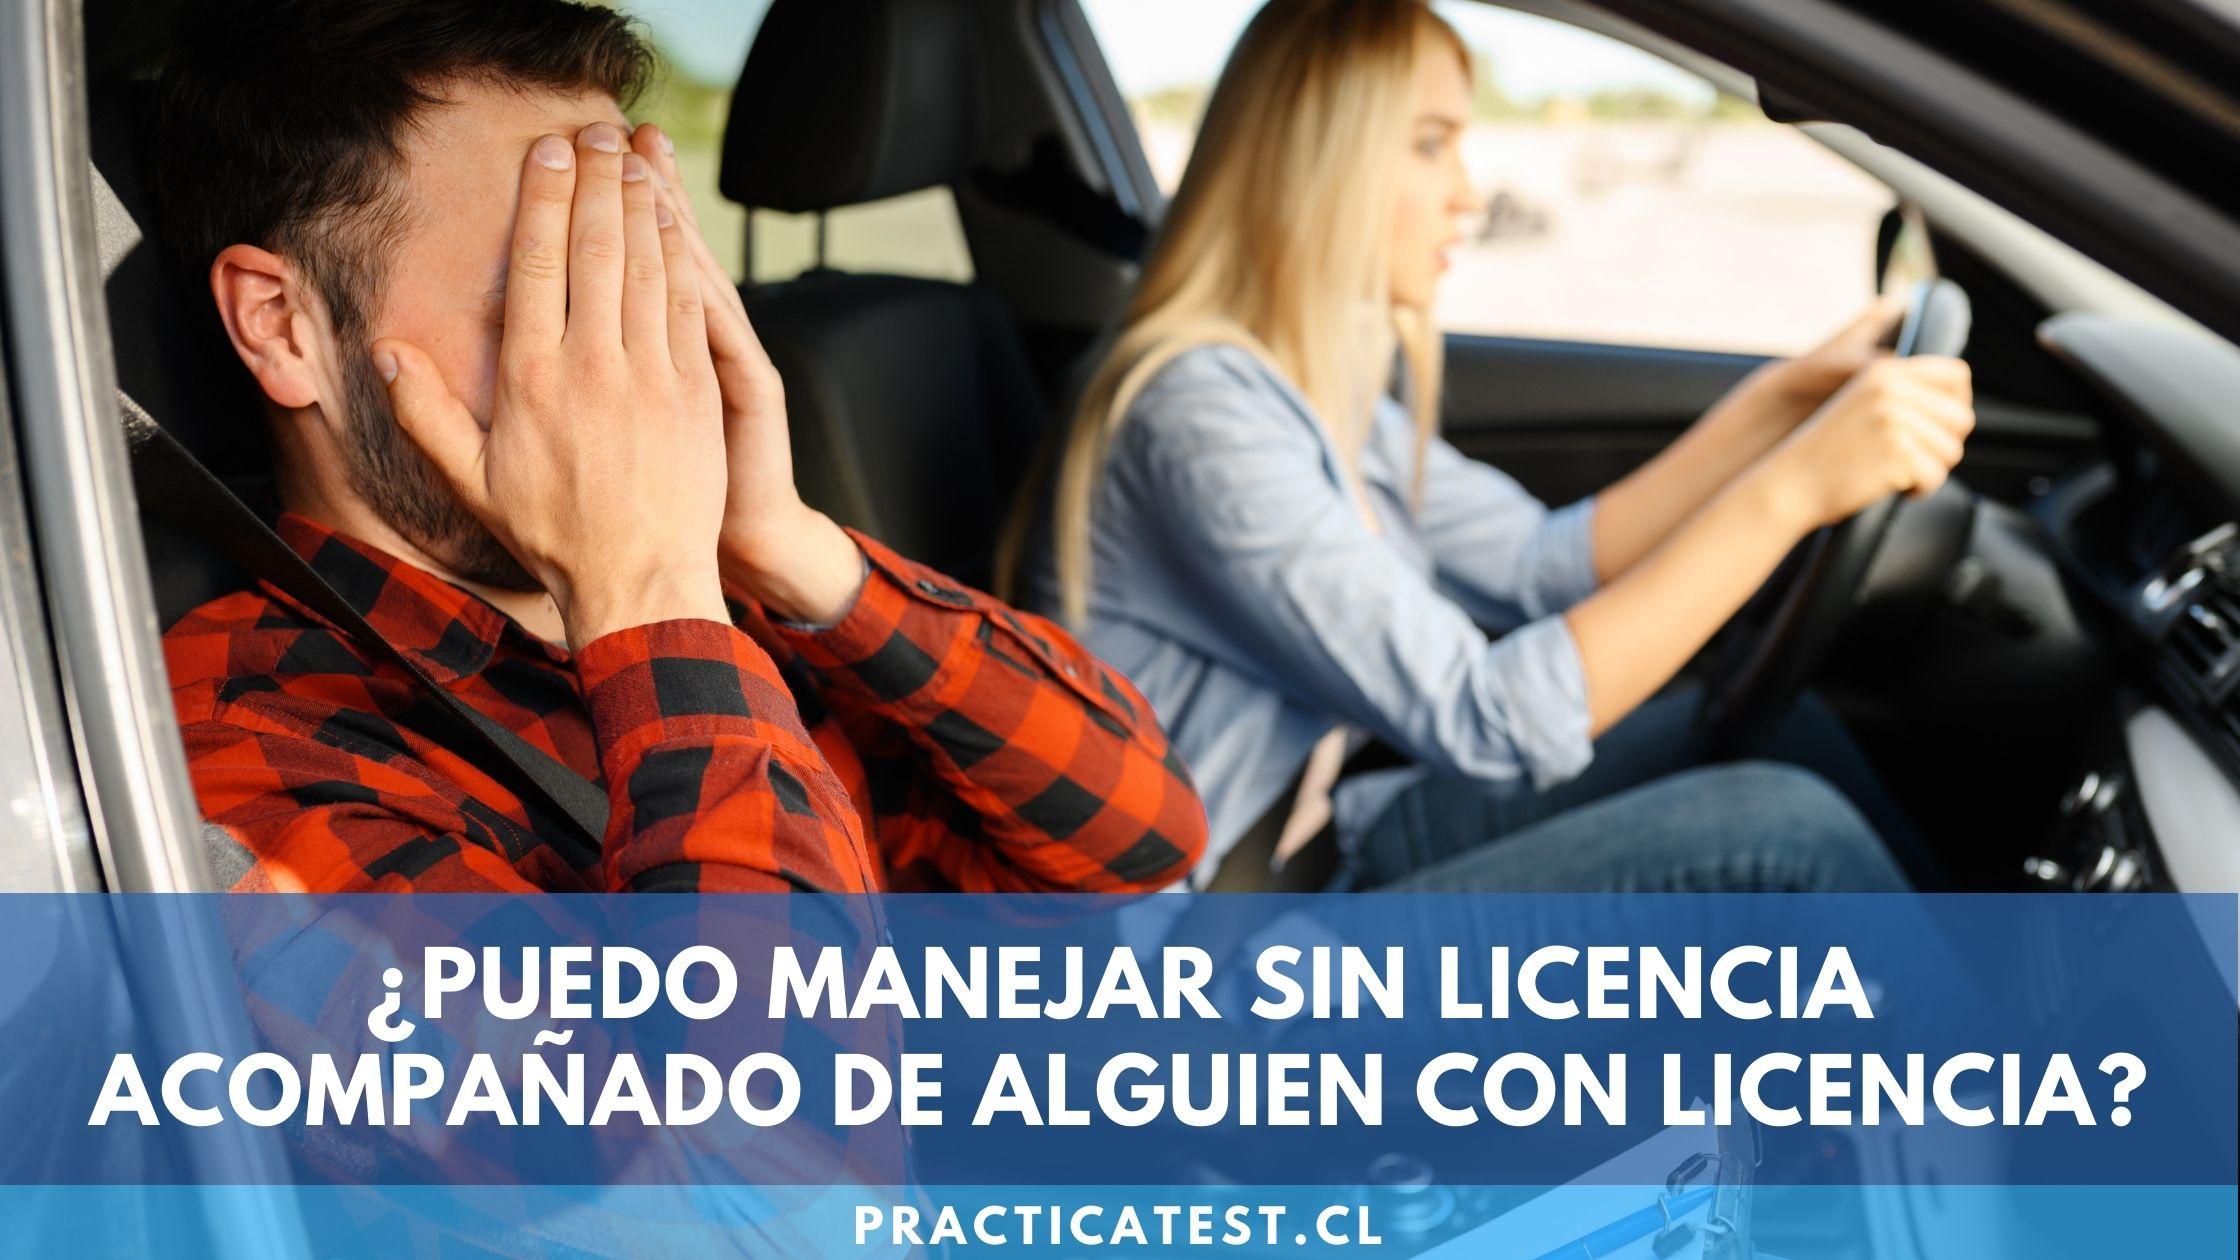 Está o no permitido conducir un vehículo sin tener licencia de conducción